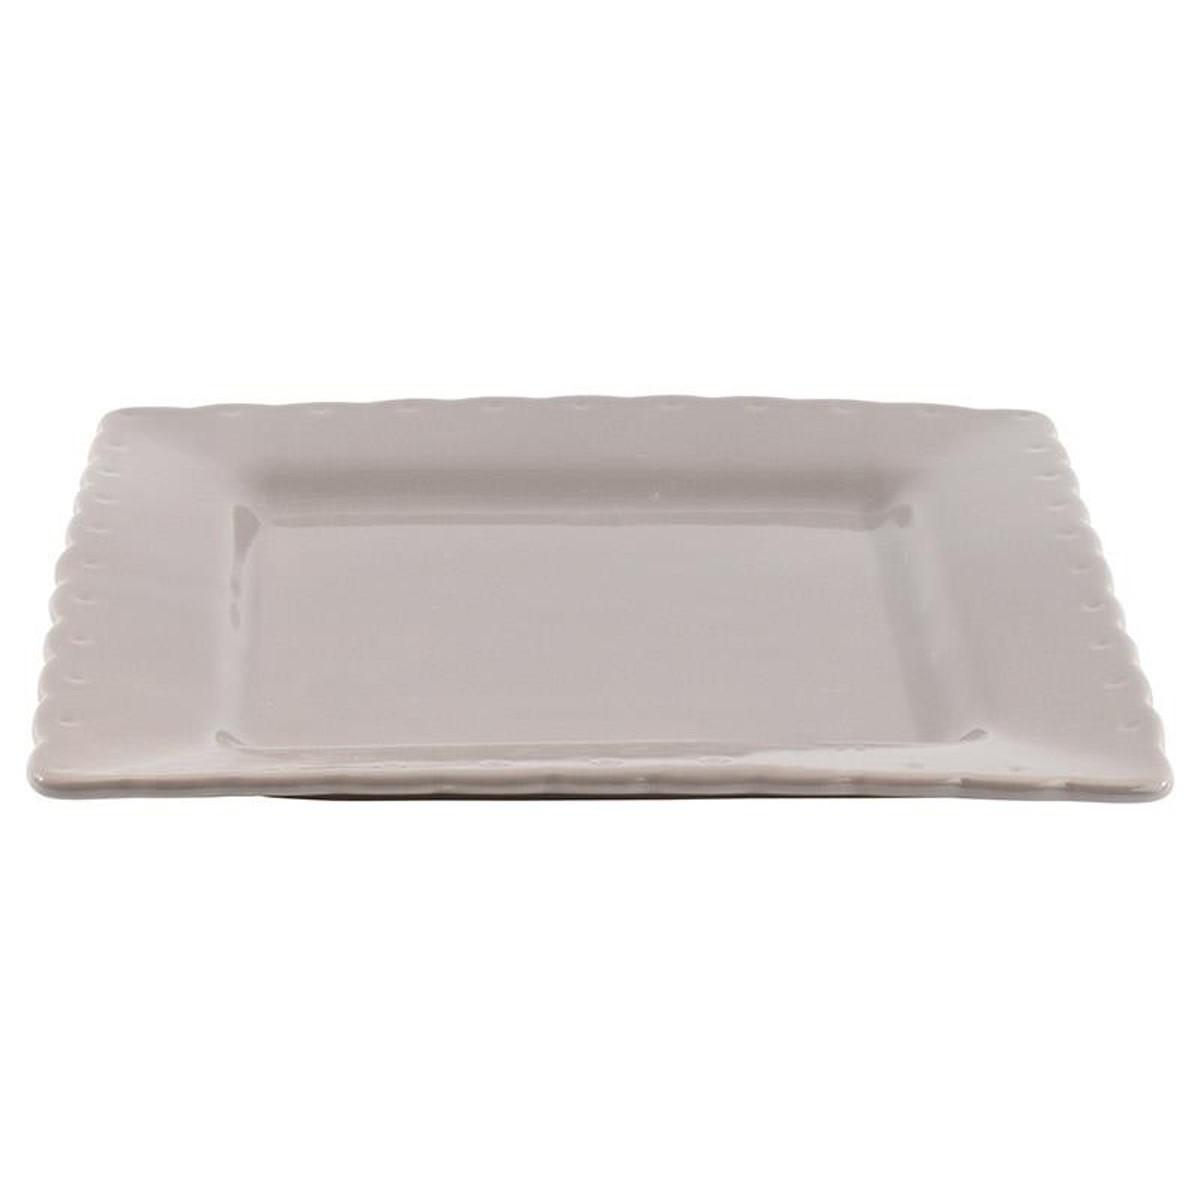 Πιάτα Φαγητού (Σετ 6τμχ) InArt Piedra Grey 3-60-520-0009